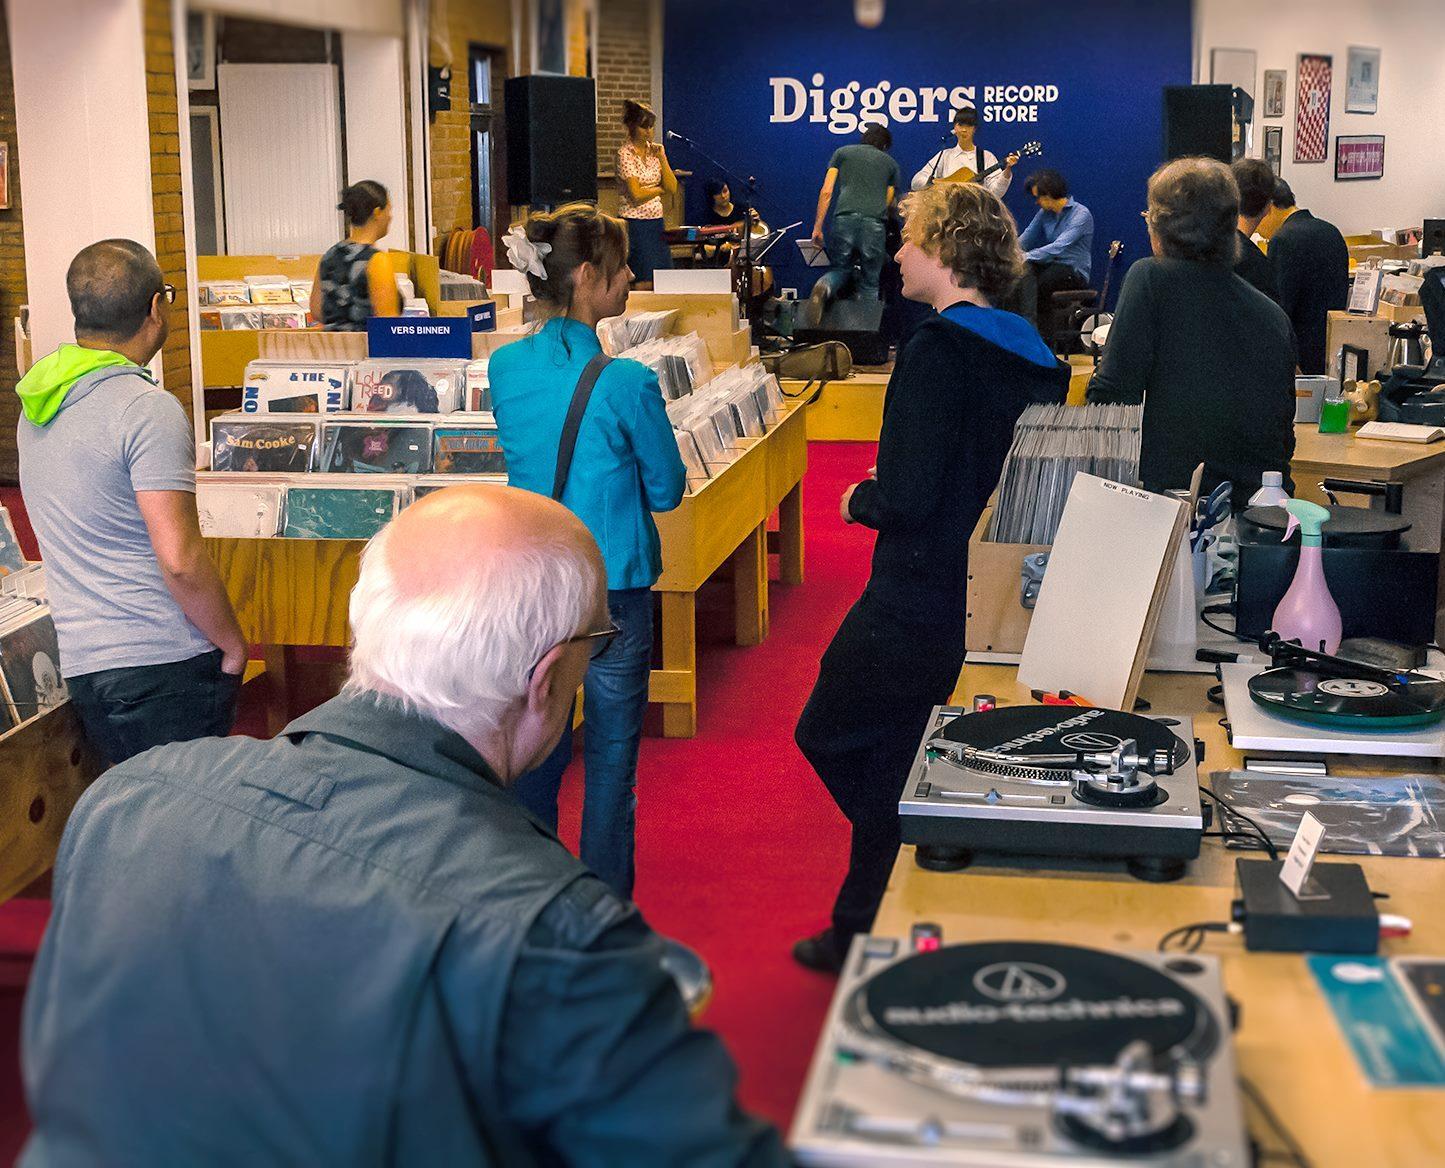 diggers-recordstore-013-straatjes